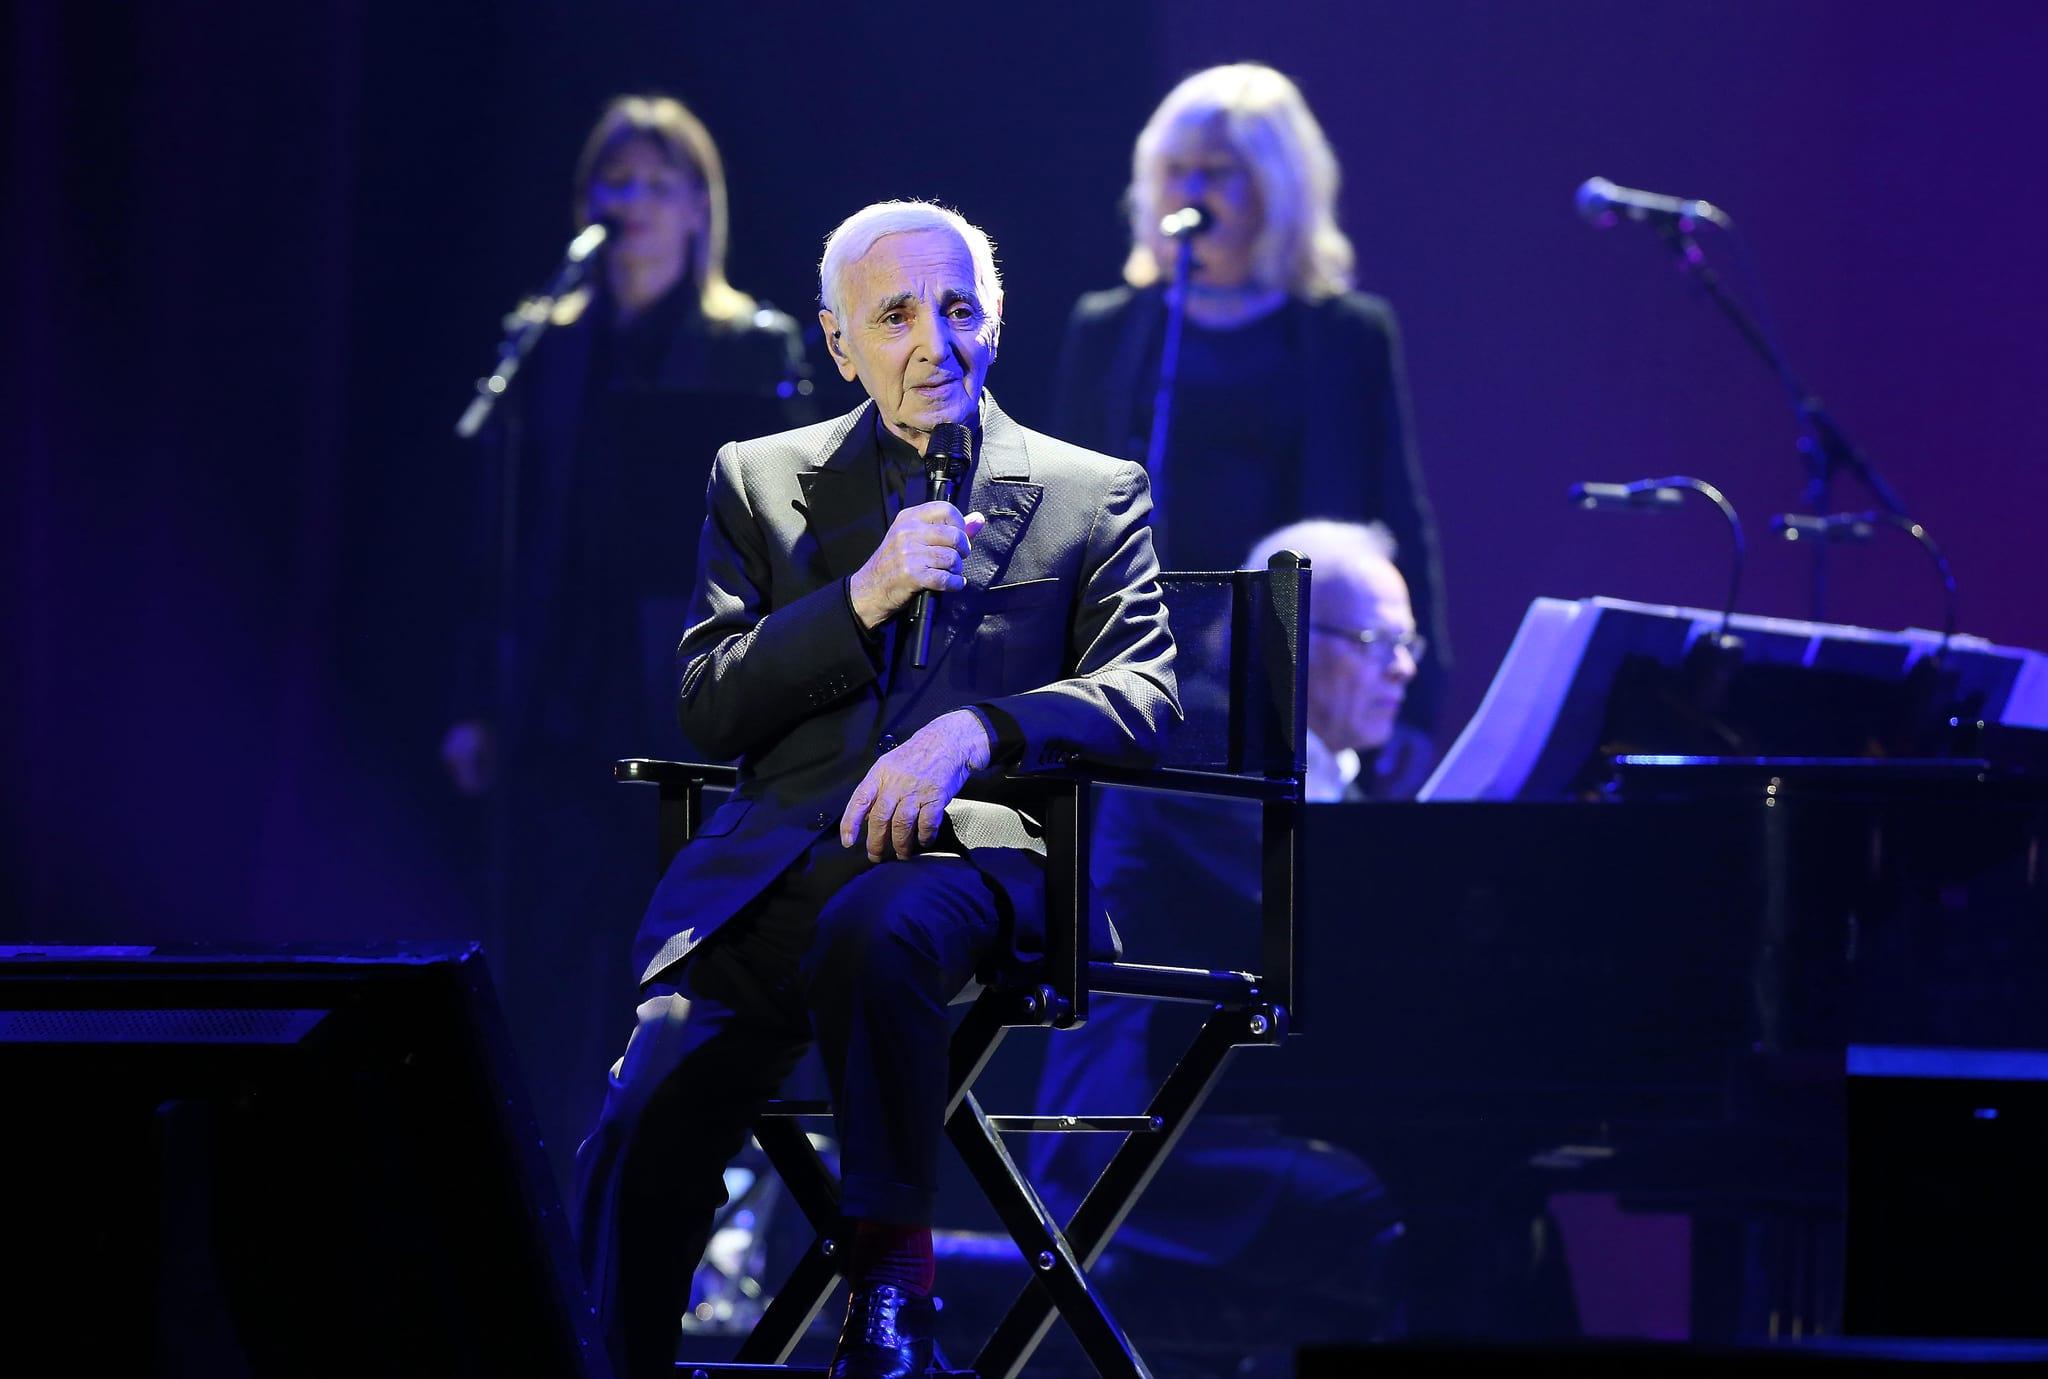 """PÚBLICO - Aznavour, a segunda visita de """"um trabalhador incansável da canção"""""""